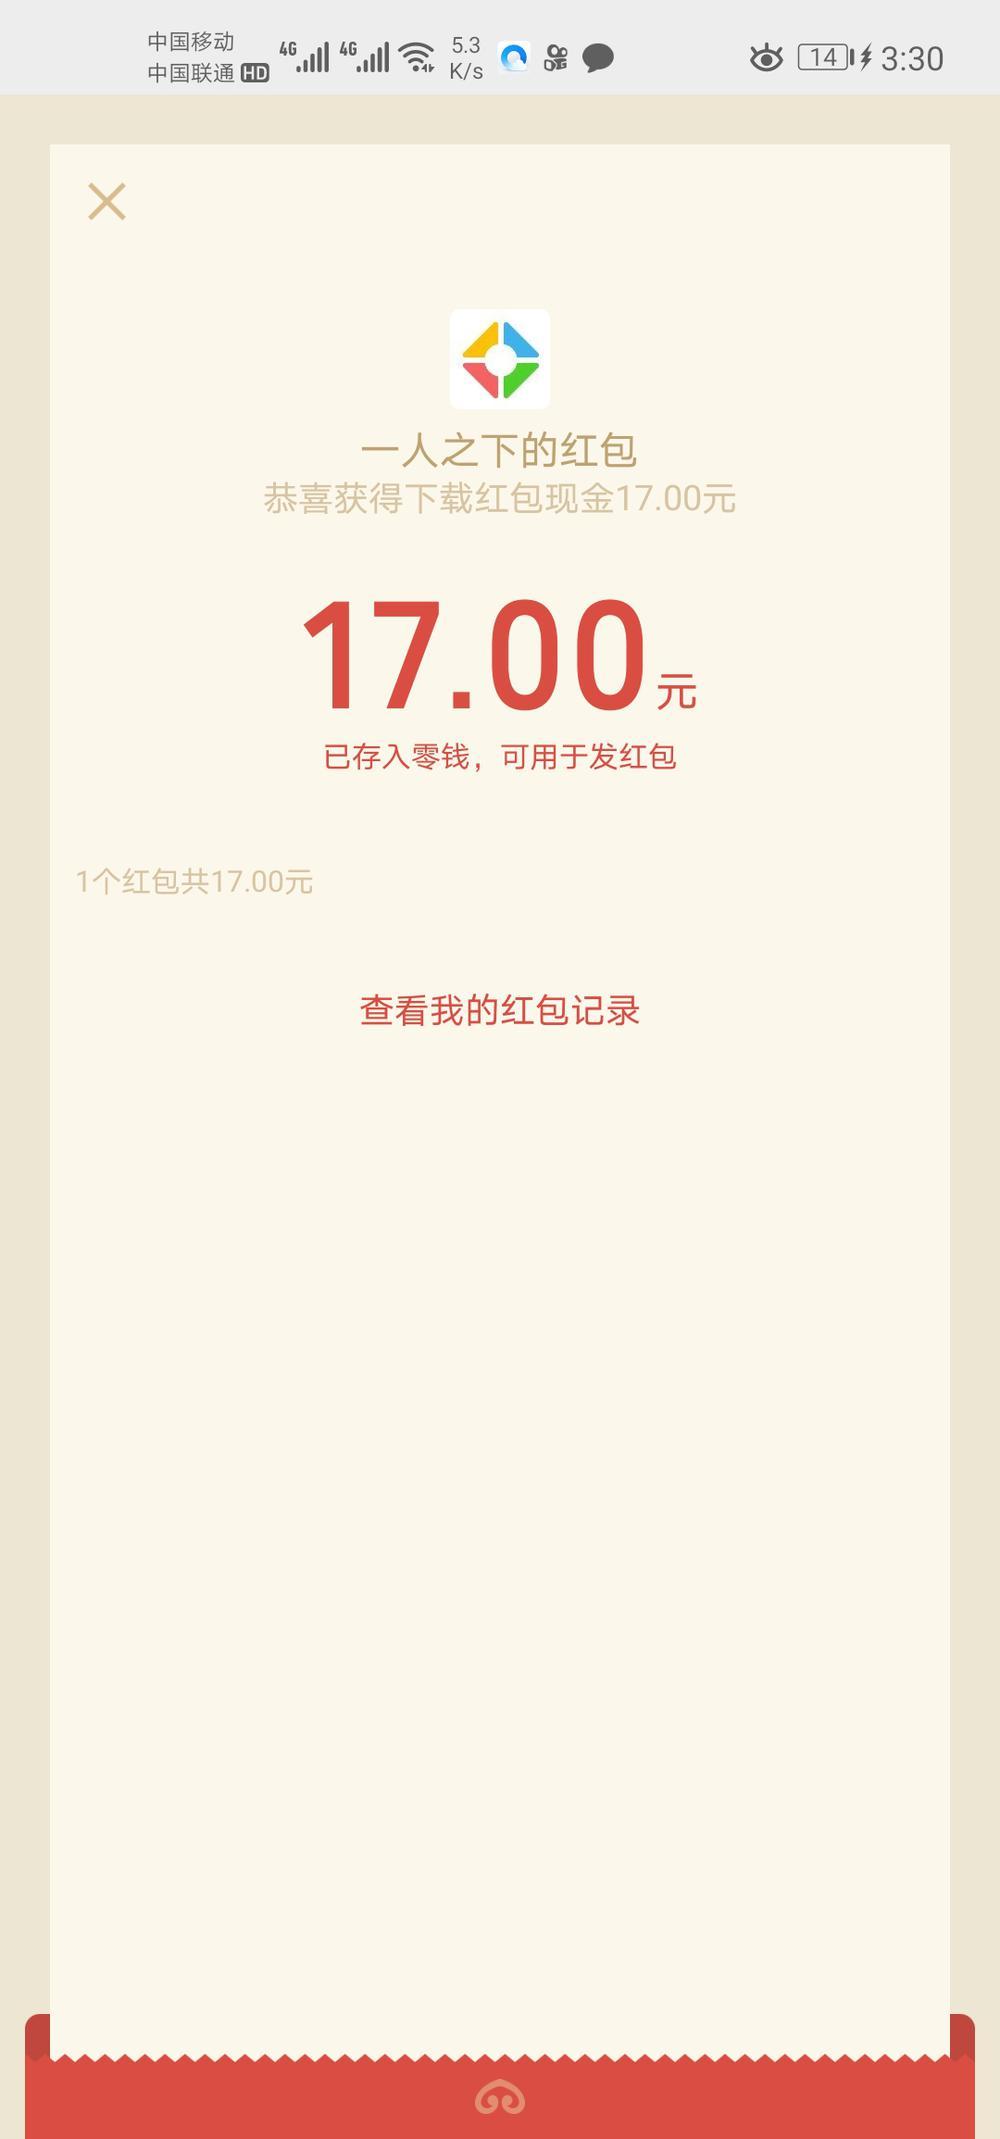 微信游戏幸运用户领5元红包